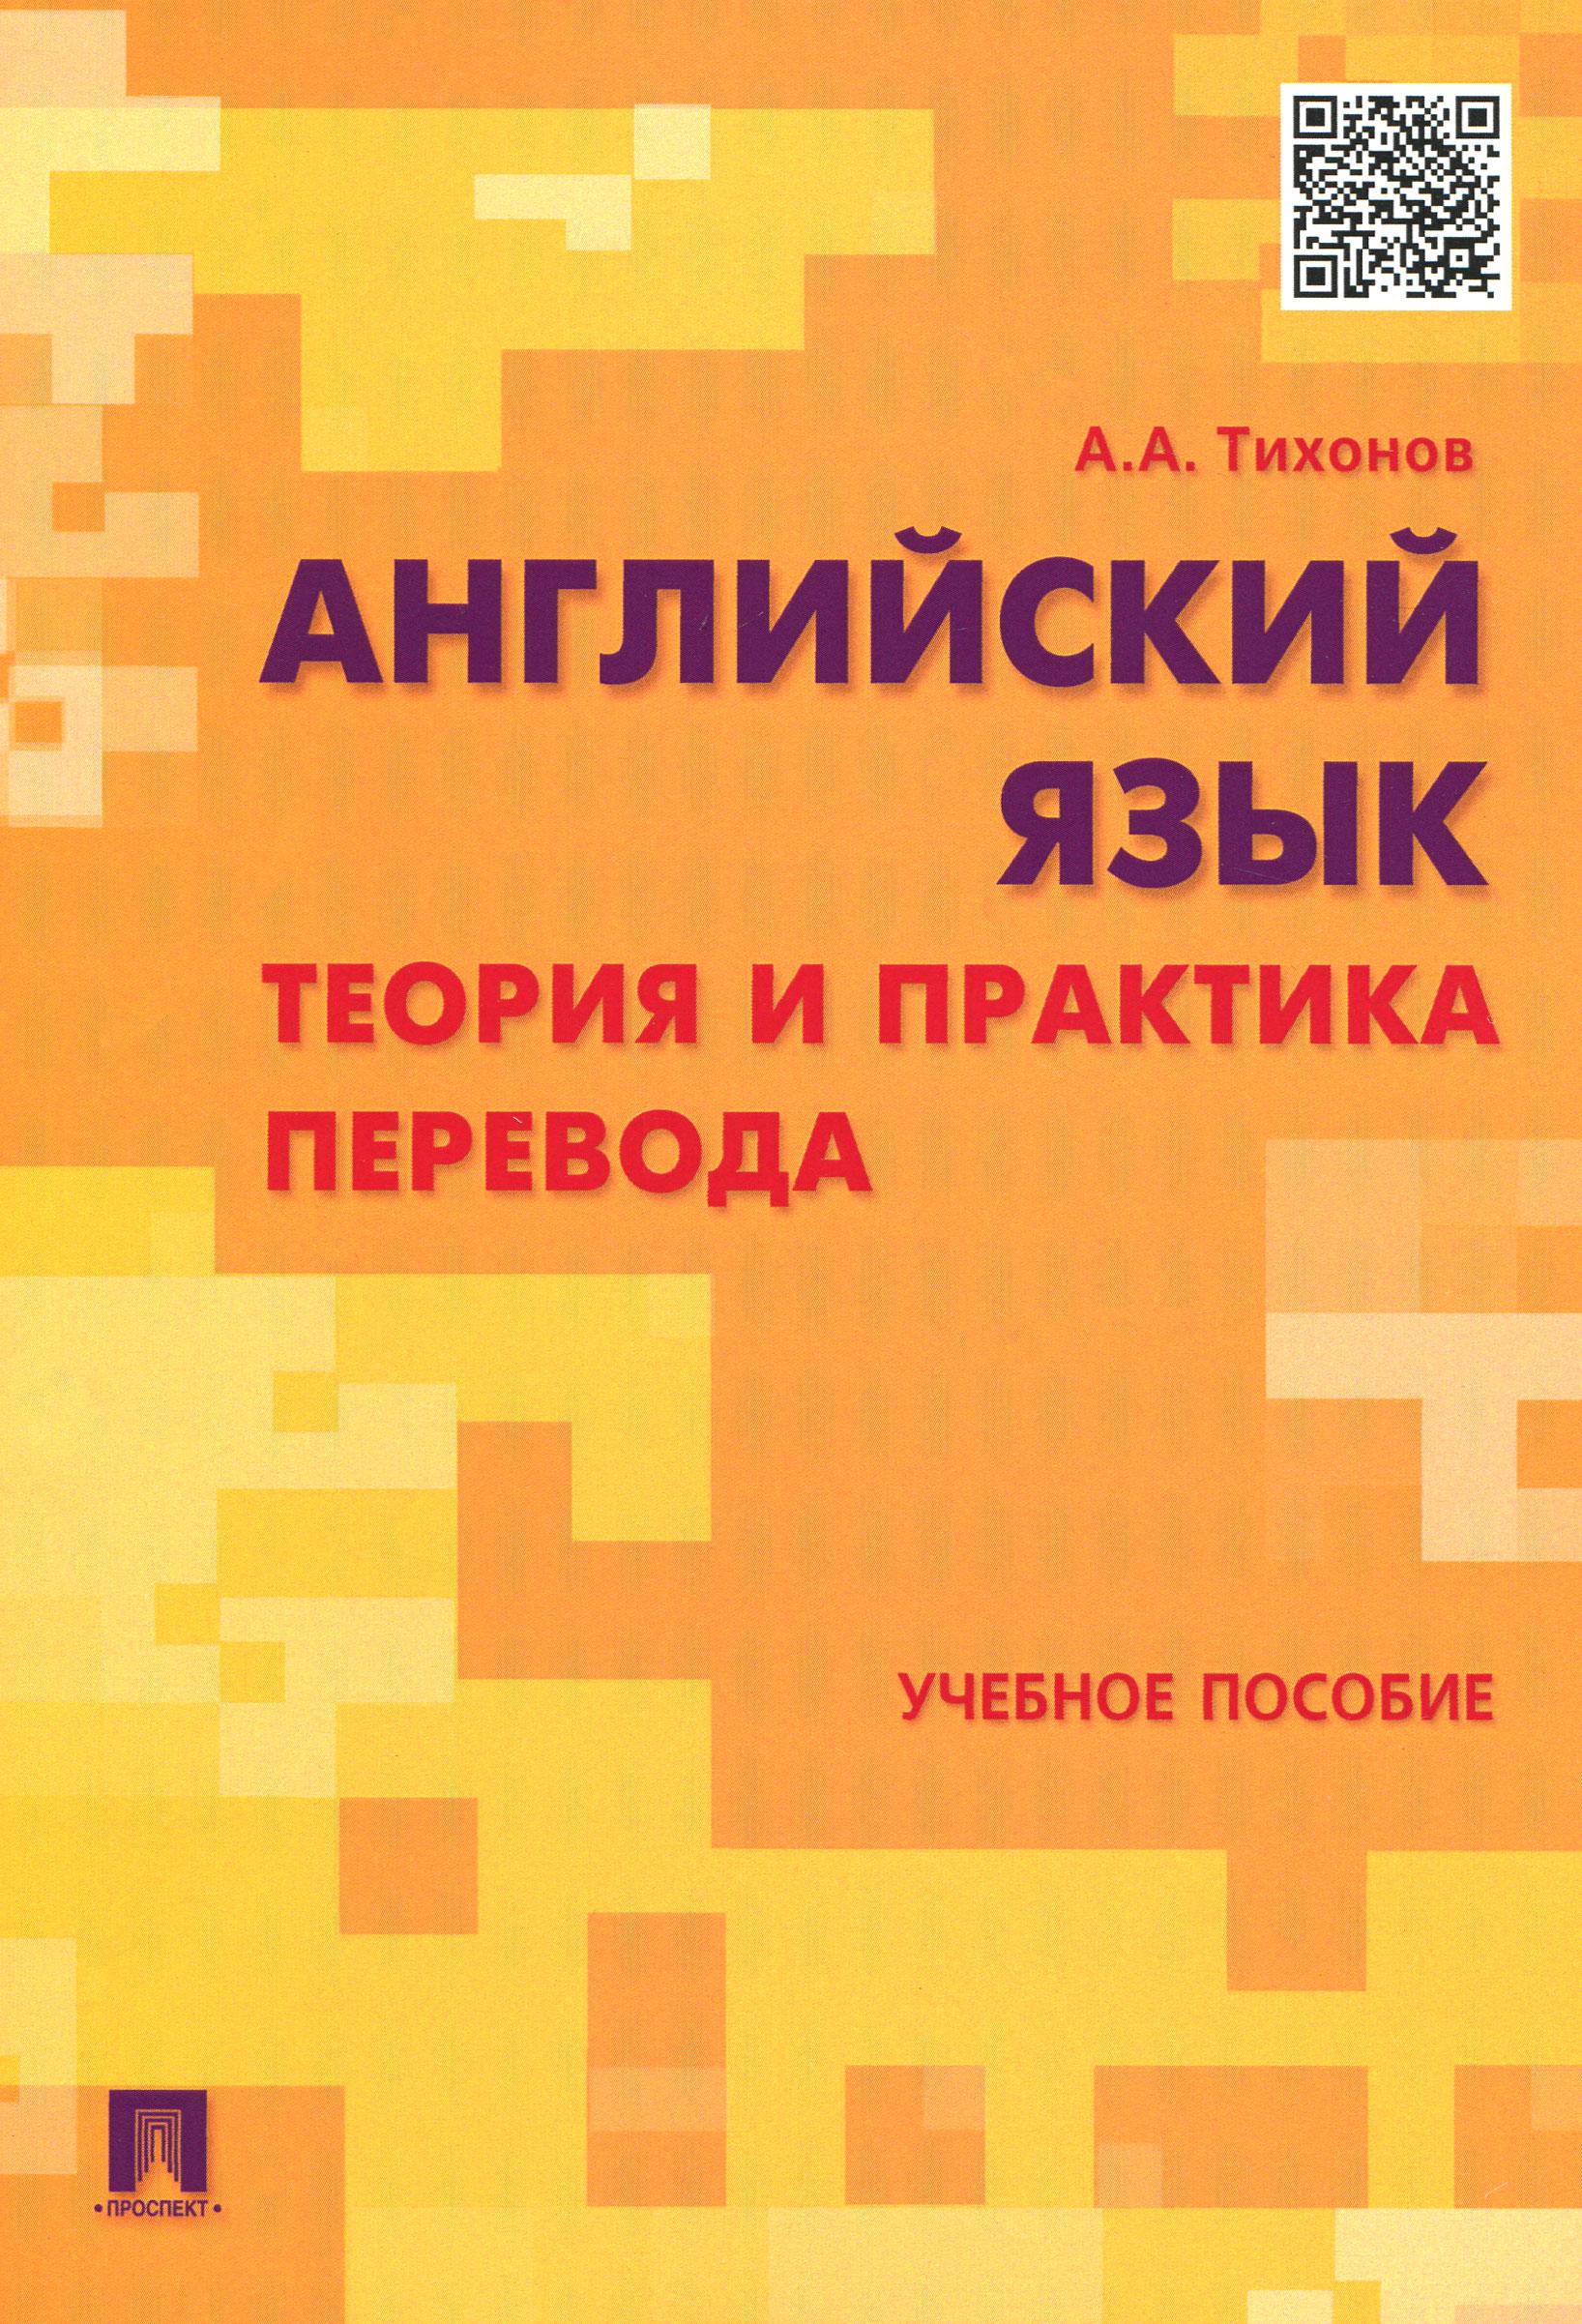 Английский язык.Теория и практика перевода. Учебное пособие